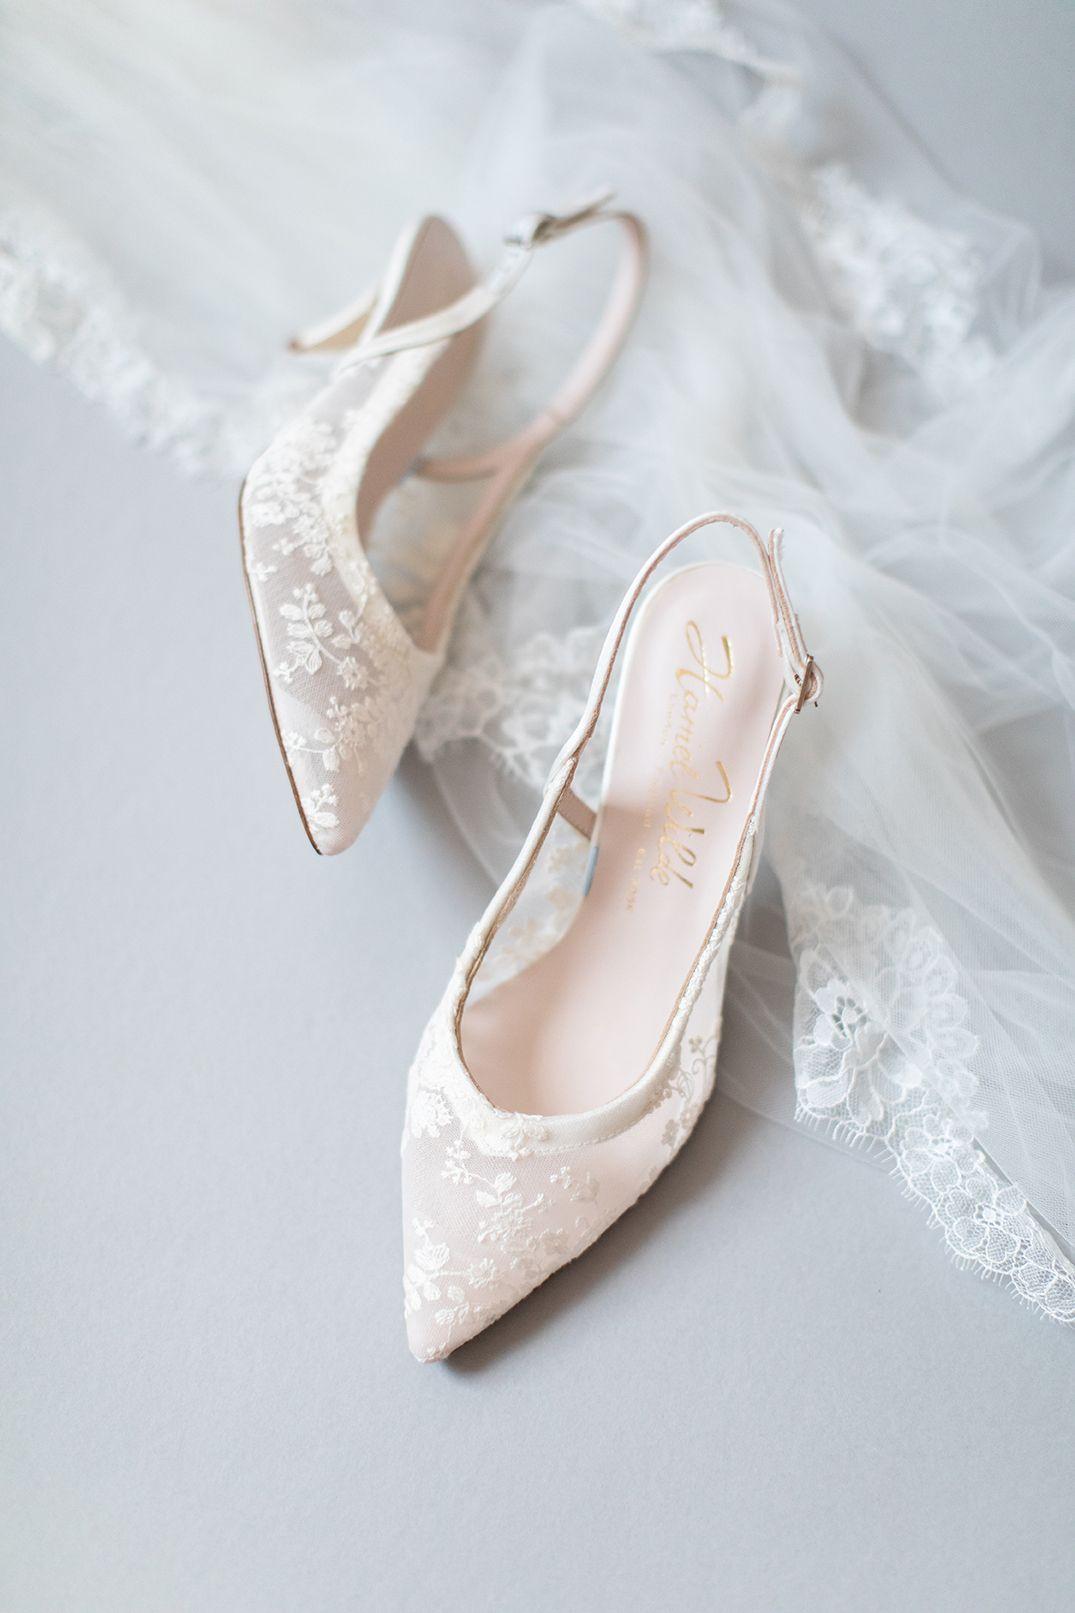 Low Heel Bridal Slingback Pointed Toe Pump Chloe Wedding Shoes In 2020 Pointed Toe Pumps Wedding Shoes Low Heels